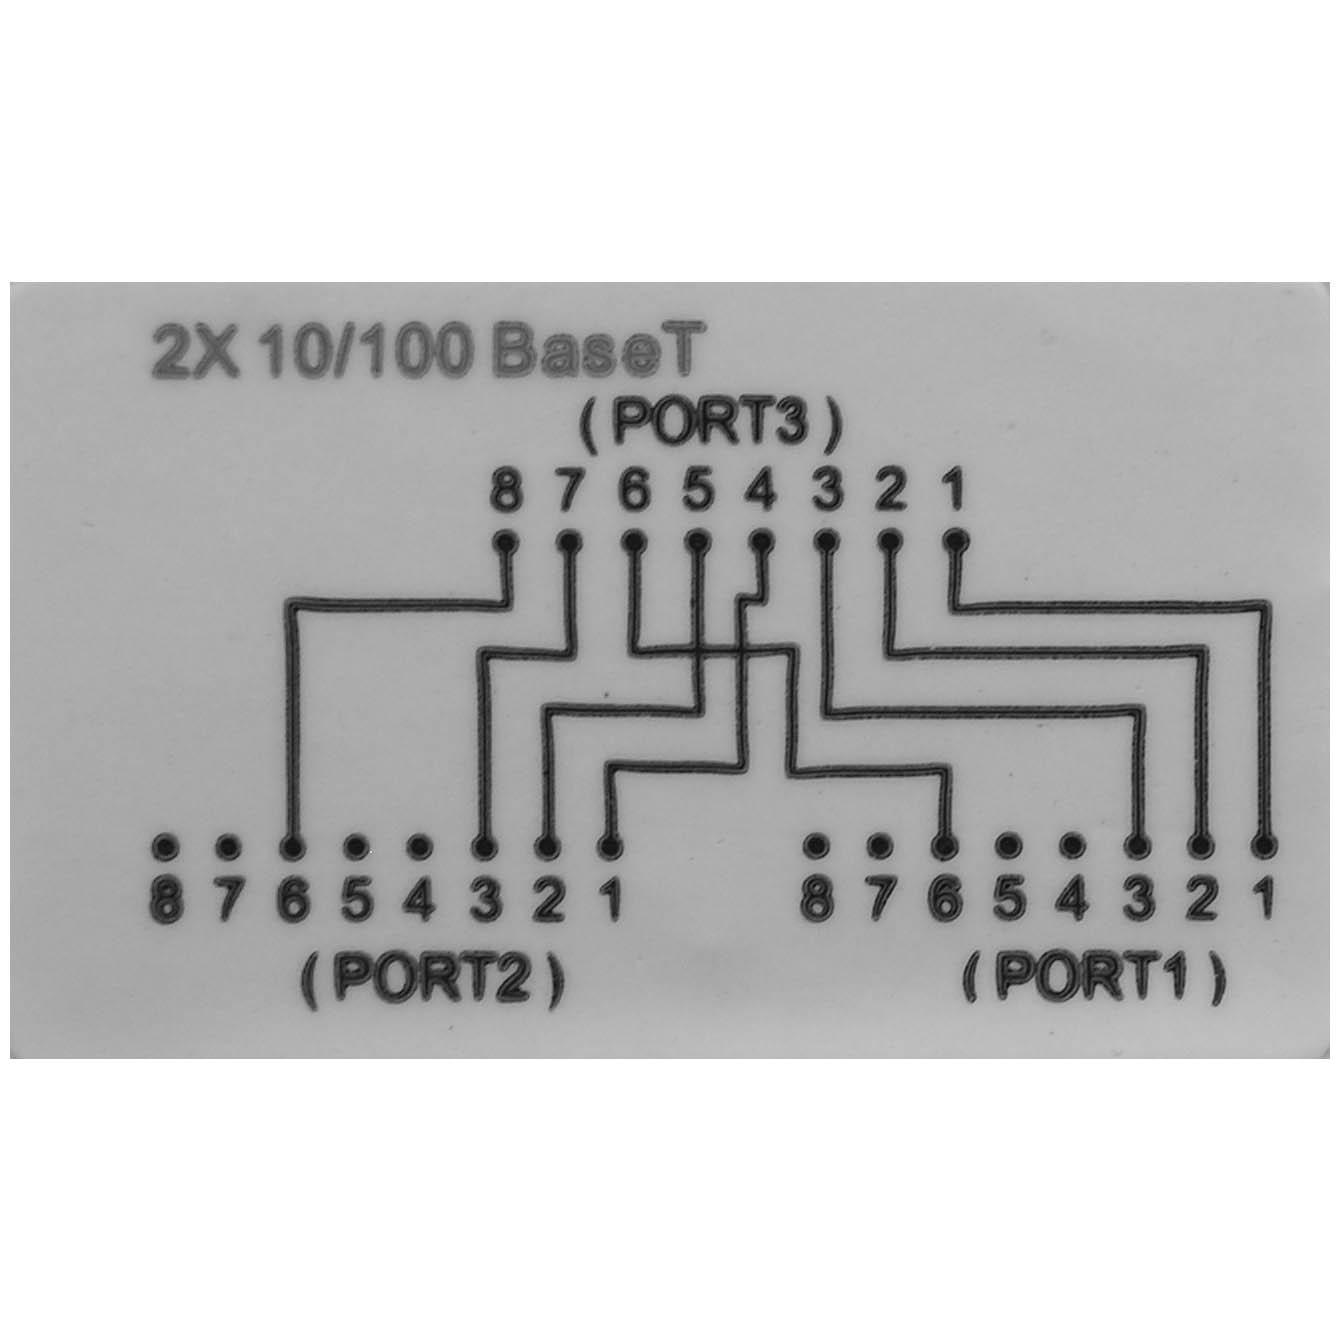 10/100 BaseT RJ45 1P/2J Type 8 Wiring Splitter, Pigtail Type ...